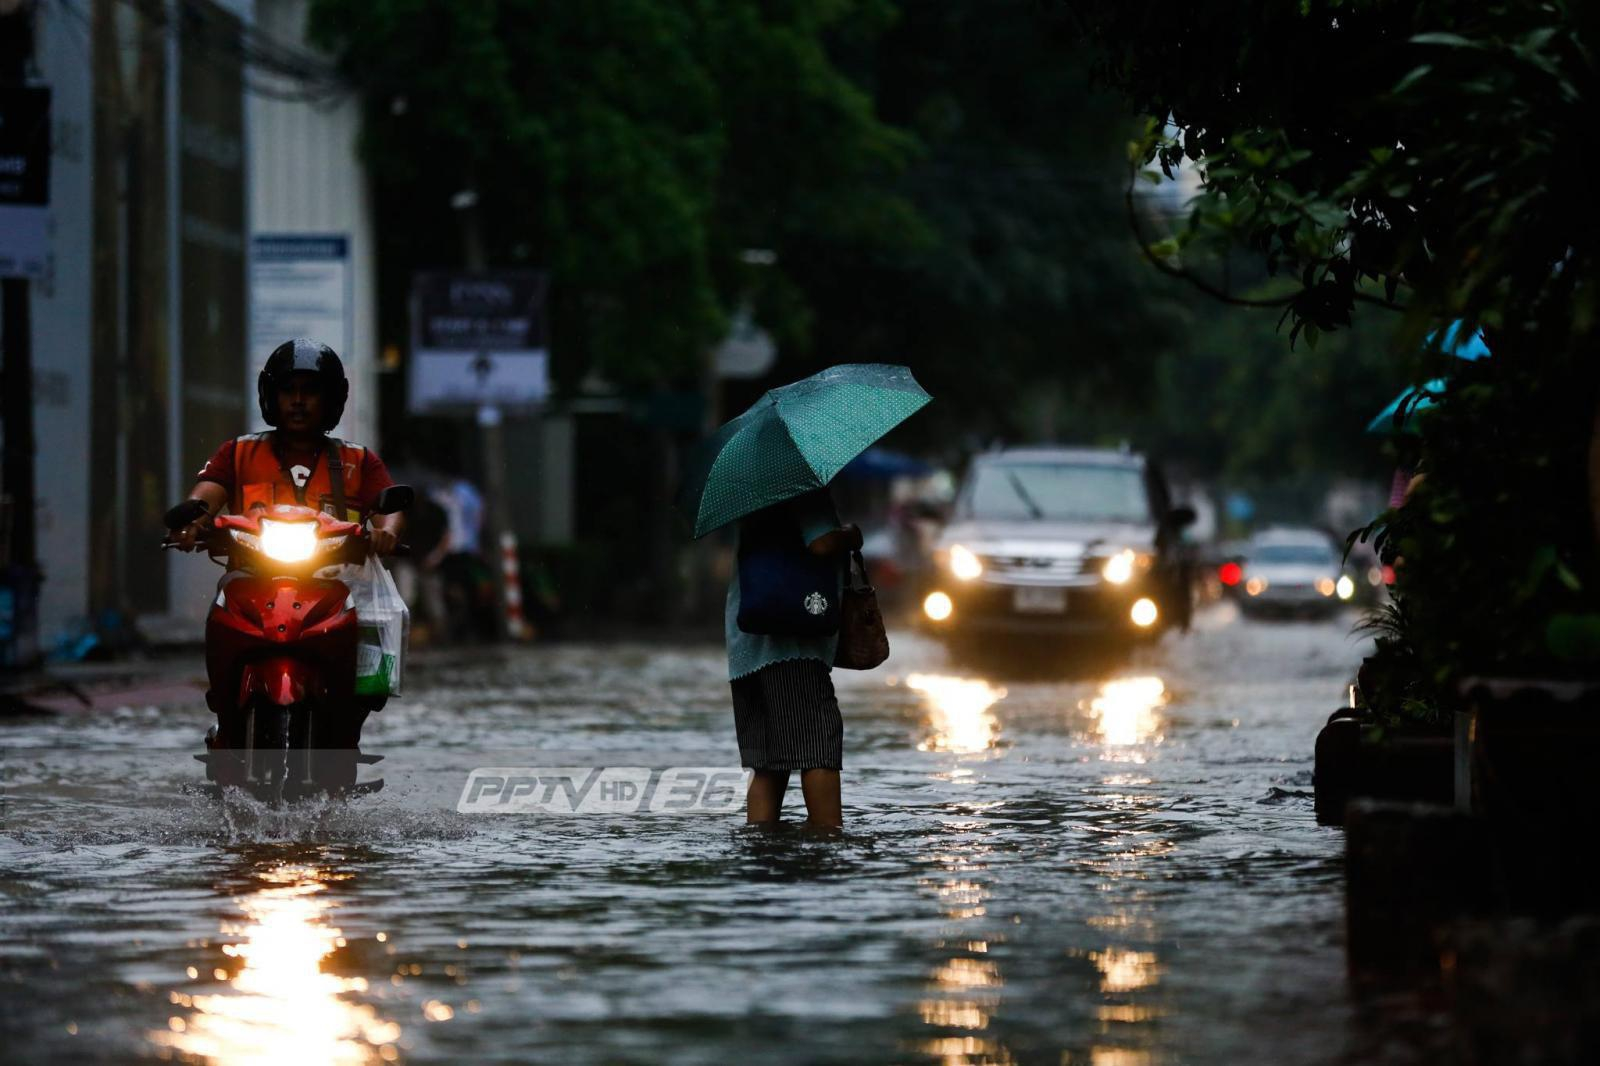 อุตุฯ เตือน ภาคเหนือ-อีสาน ฝนหนัก-ระวังอันตรายจากฝนตกสะสม